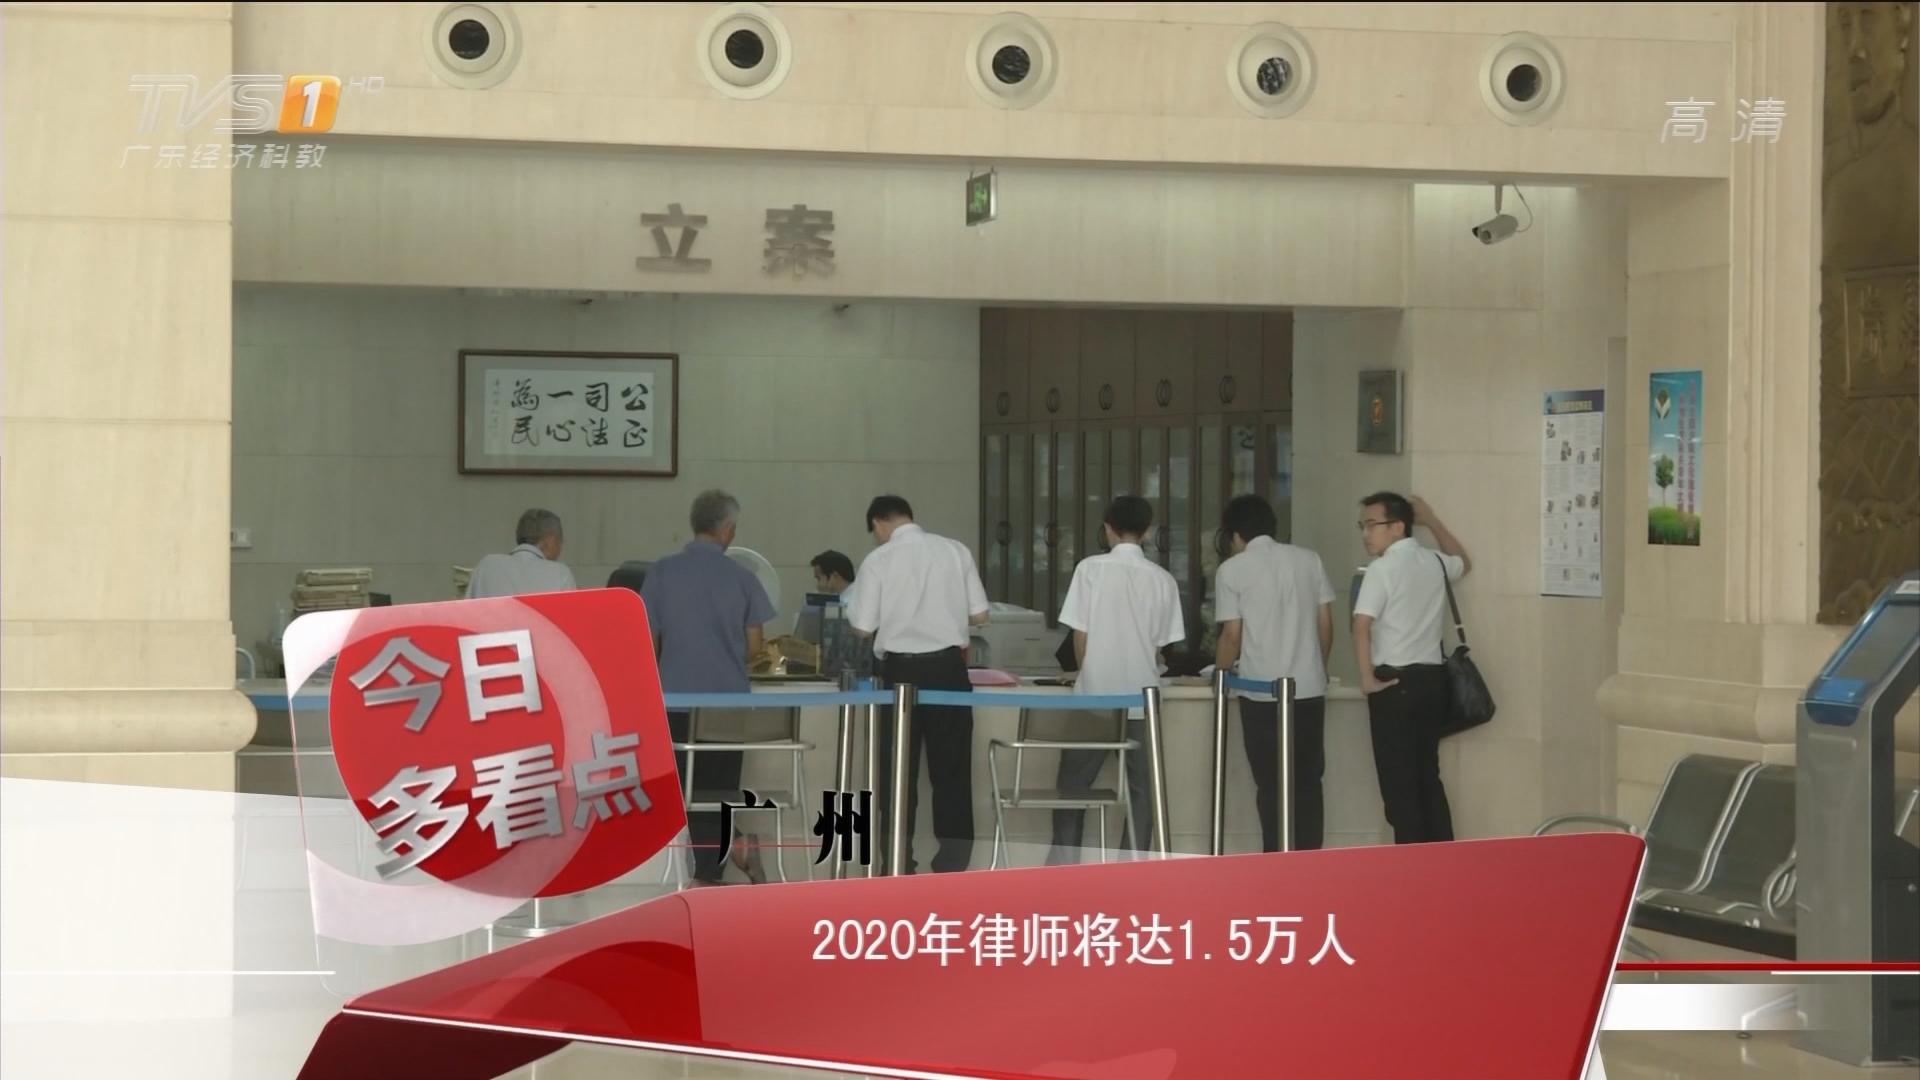 广州:2020年律师将达1.5万人